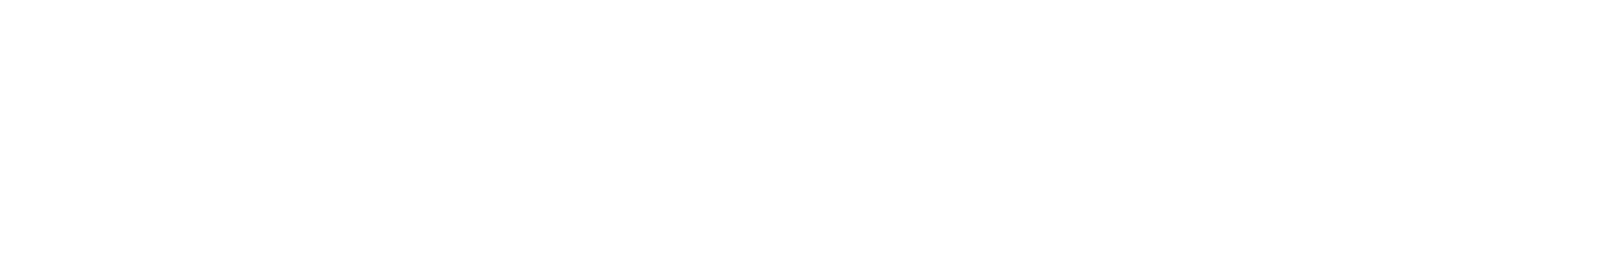 Restaurant Tugra - Türkische Spezialitäten in Berlin Charlottenburg